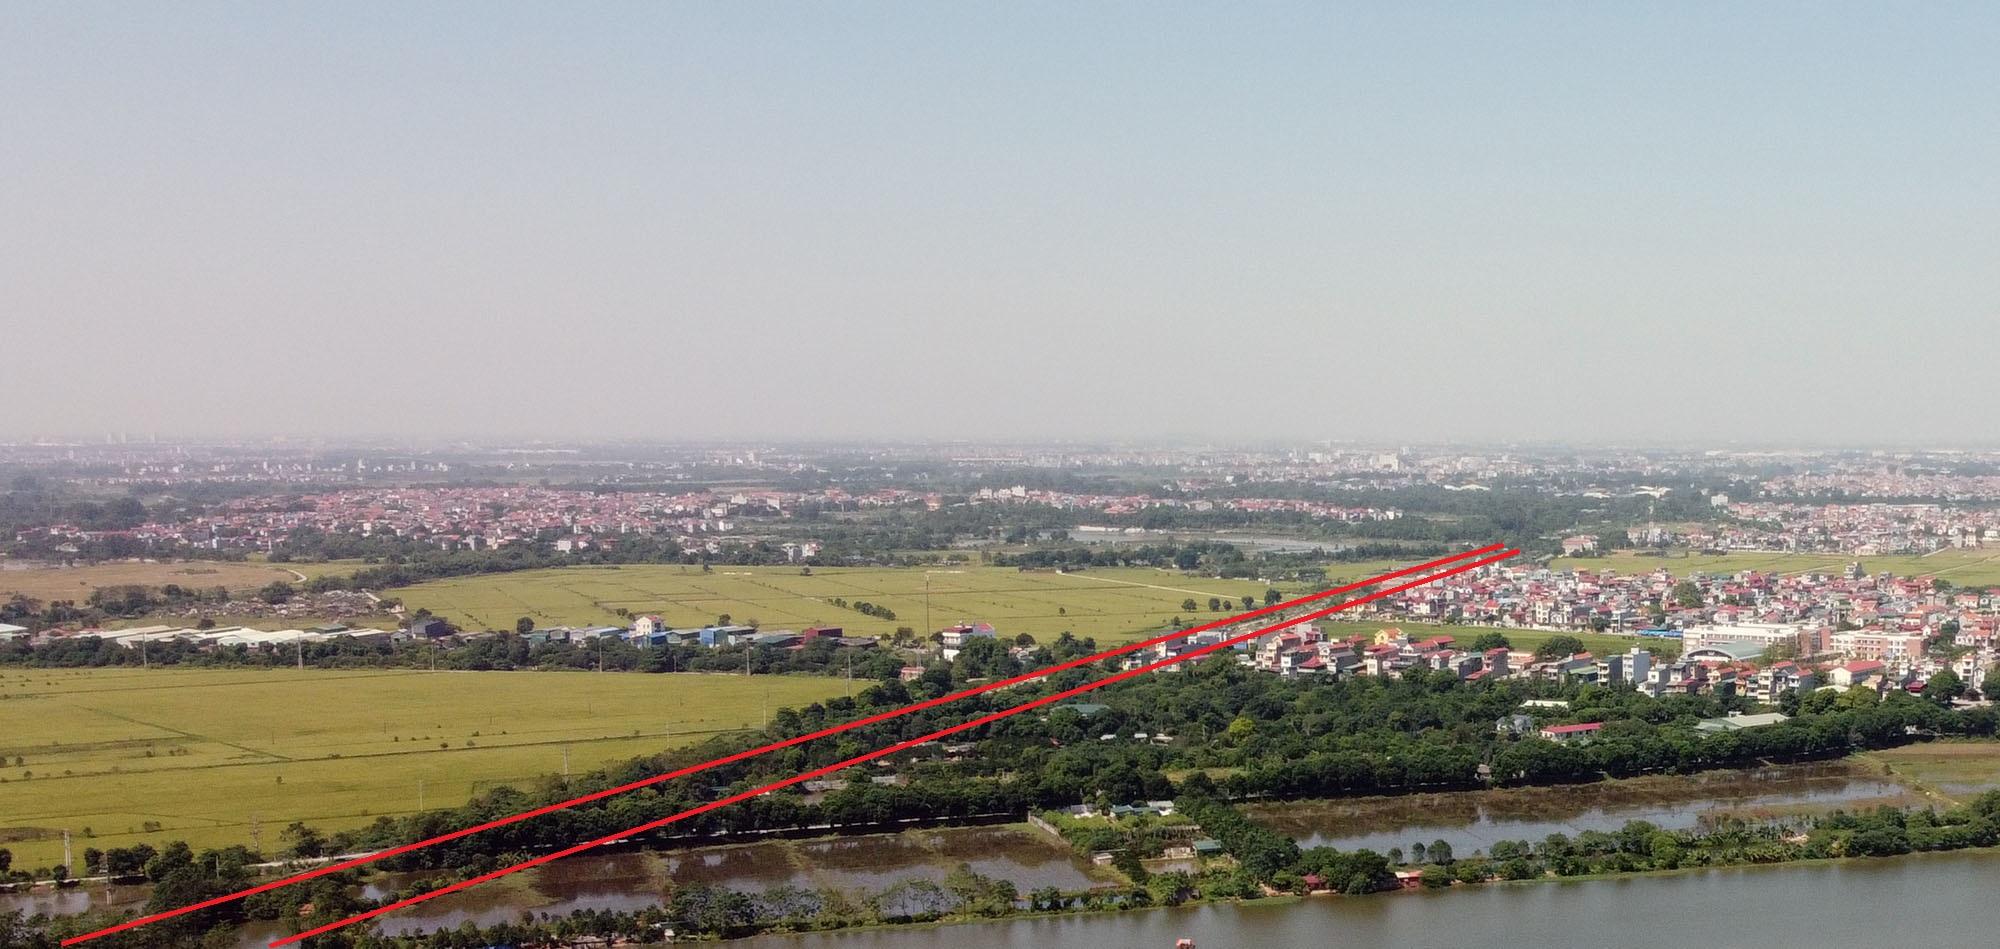 đường sẽ mở theo qui hoạch ở xã Dục Tú, Đông Anh, Hà Nội - Ảnh 11.